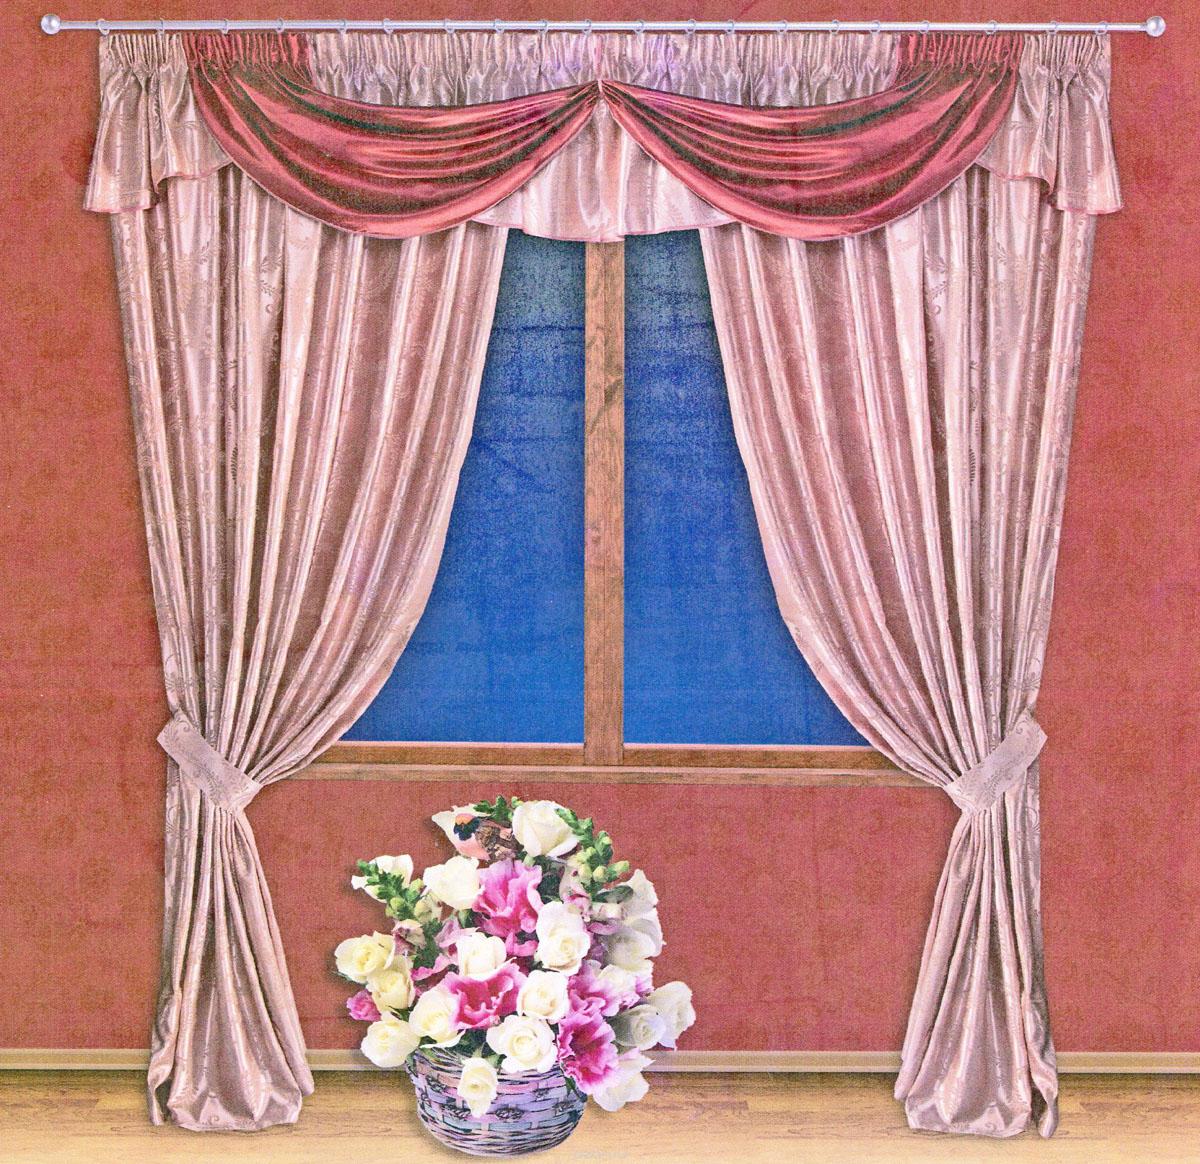 Комплект штор Zlata Korunka, на ленте, цвет: красный, бледно-розовый, высота 250 см. 55512S03301004Роскошный комплект штор Zlata Korunka, выполненный из ткани шанзализе, сатина и жаккарда (100% полиэстера), великолепно украсит любое окно. Комплект состоит из двух портьер, ламбрекена и двух подхватов. Плотная ткань, оригинальный орнамент и приятная, приглушенная гамма привлекут к себе внимание и органично впишутся в интерьер помещения. Комплект крепится на карниз при помощи шторной ленты, которая поможет красиво и равномерно задрапировать верх. Портьеры можно зафиксировать в одном положении с помощью двух подхватов. Этот комплект будет долгое время радовать вас и вашу семью! В комплект входит: Портьера: 2 шт. Размер (ШхВ): 200 см х 250 см. Ламбрекен: 1 шт. Размер (ШхВ): 450 см х 50 см.Подхват: 2 шт. Размер (ШхВ): 60 см х 10 см.